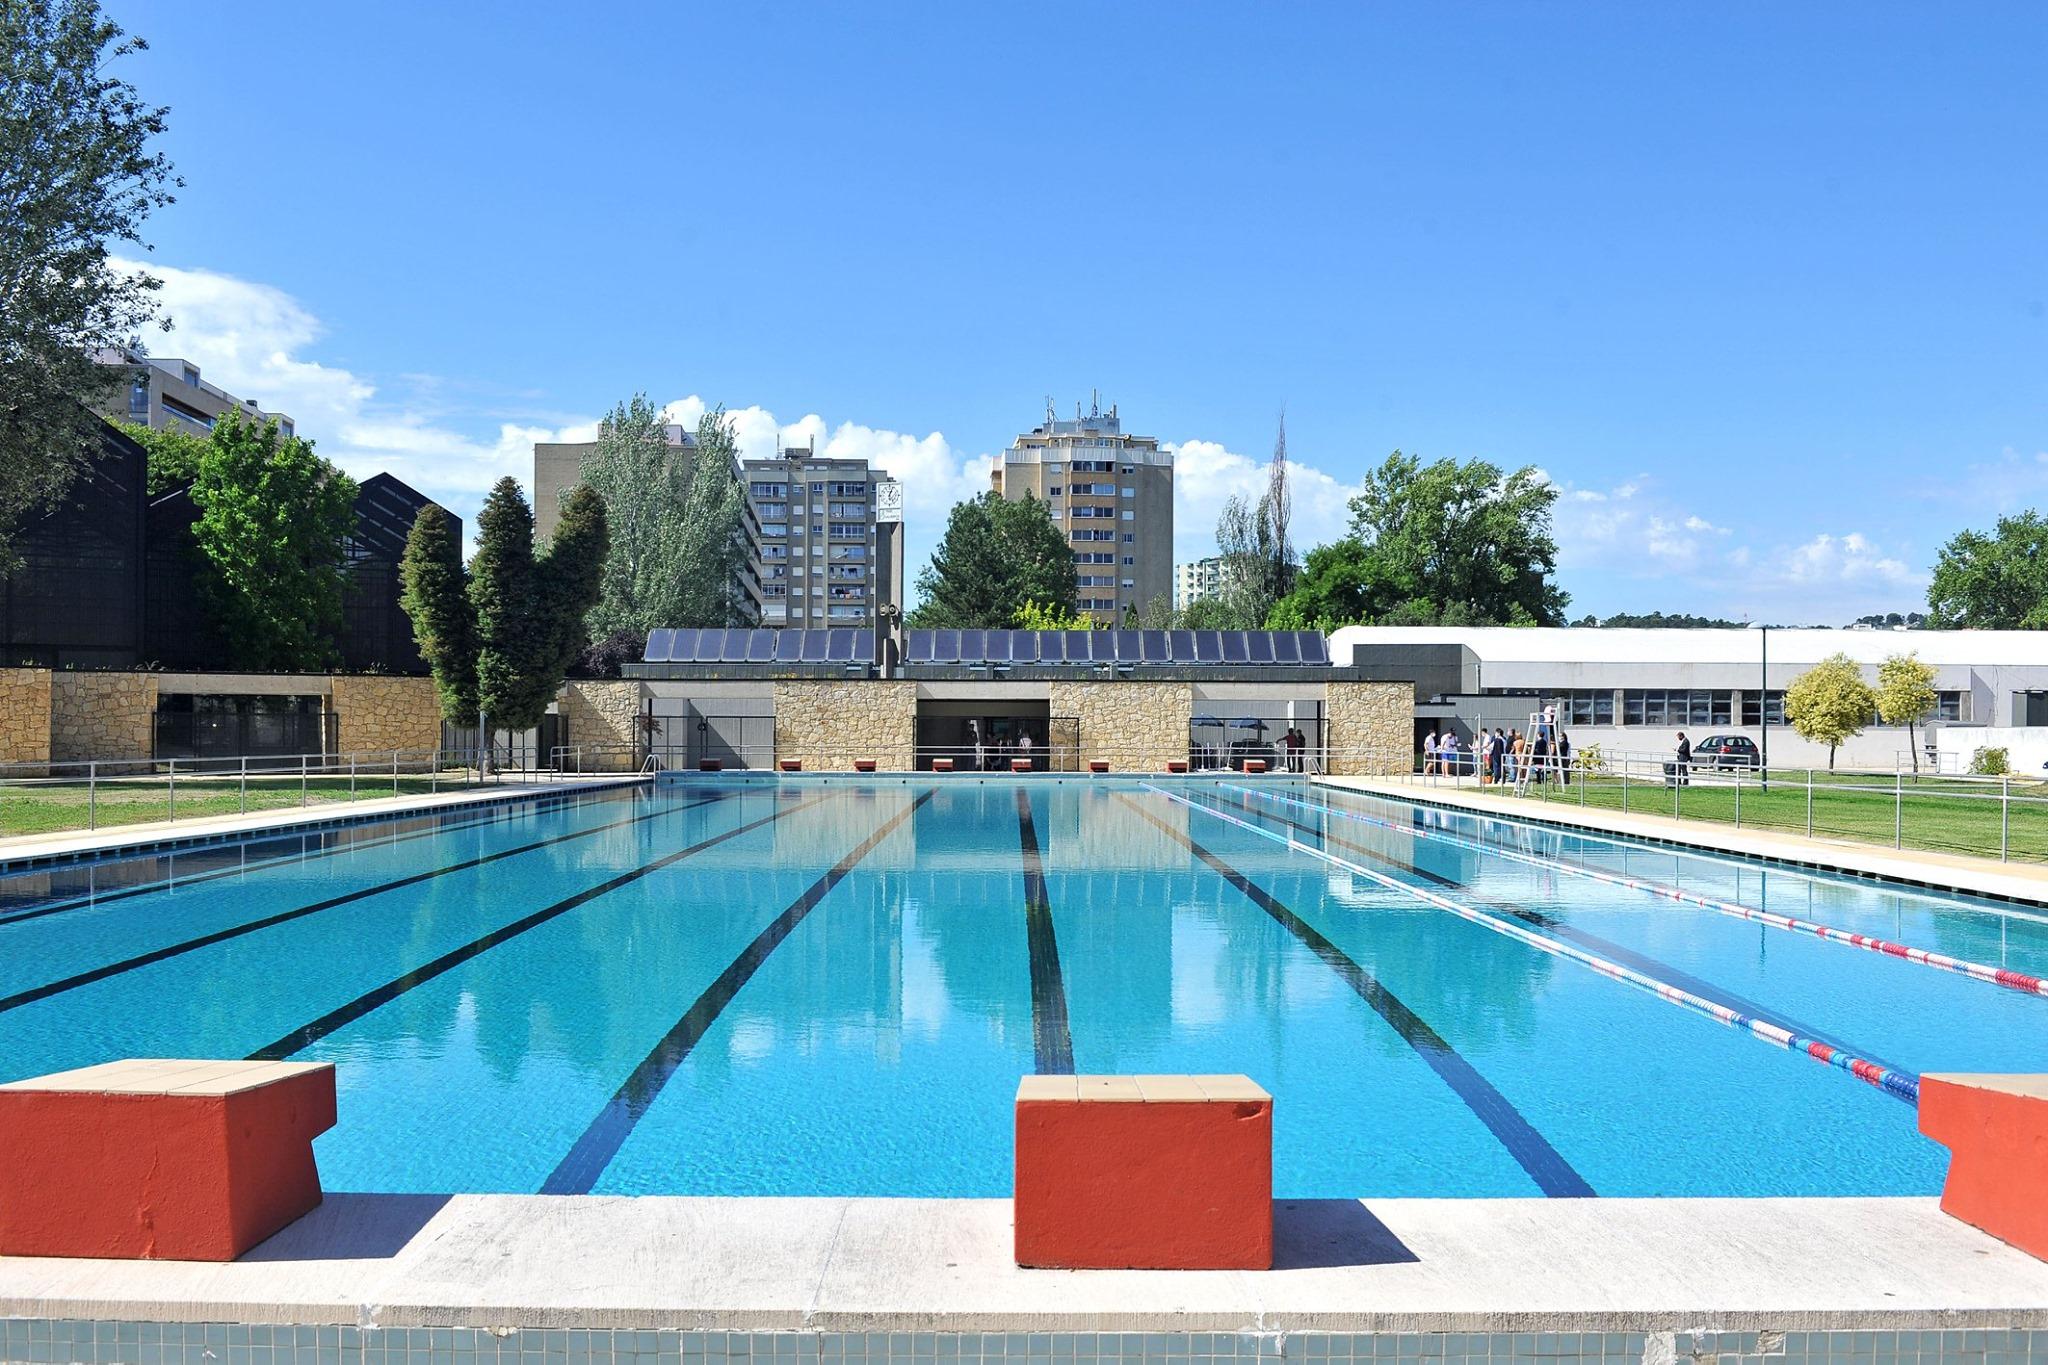 Câmara de Braga investe 1 milhão de euros no 'novo' Complexo das Piscinas da Rodovia. Piscina já reabriram